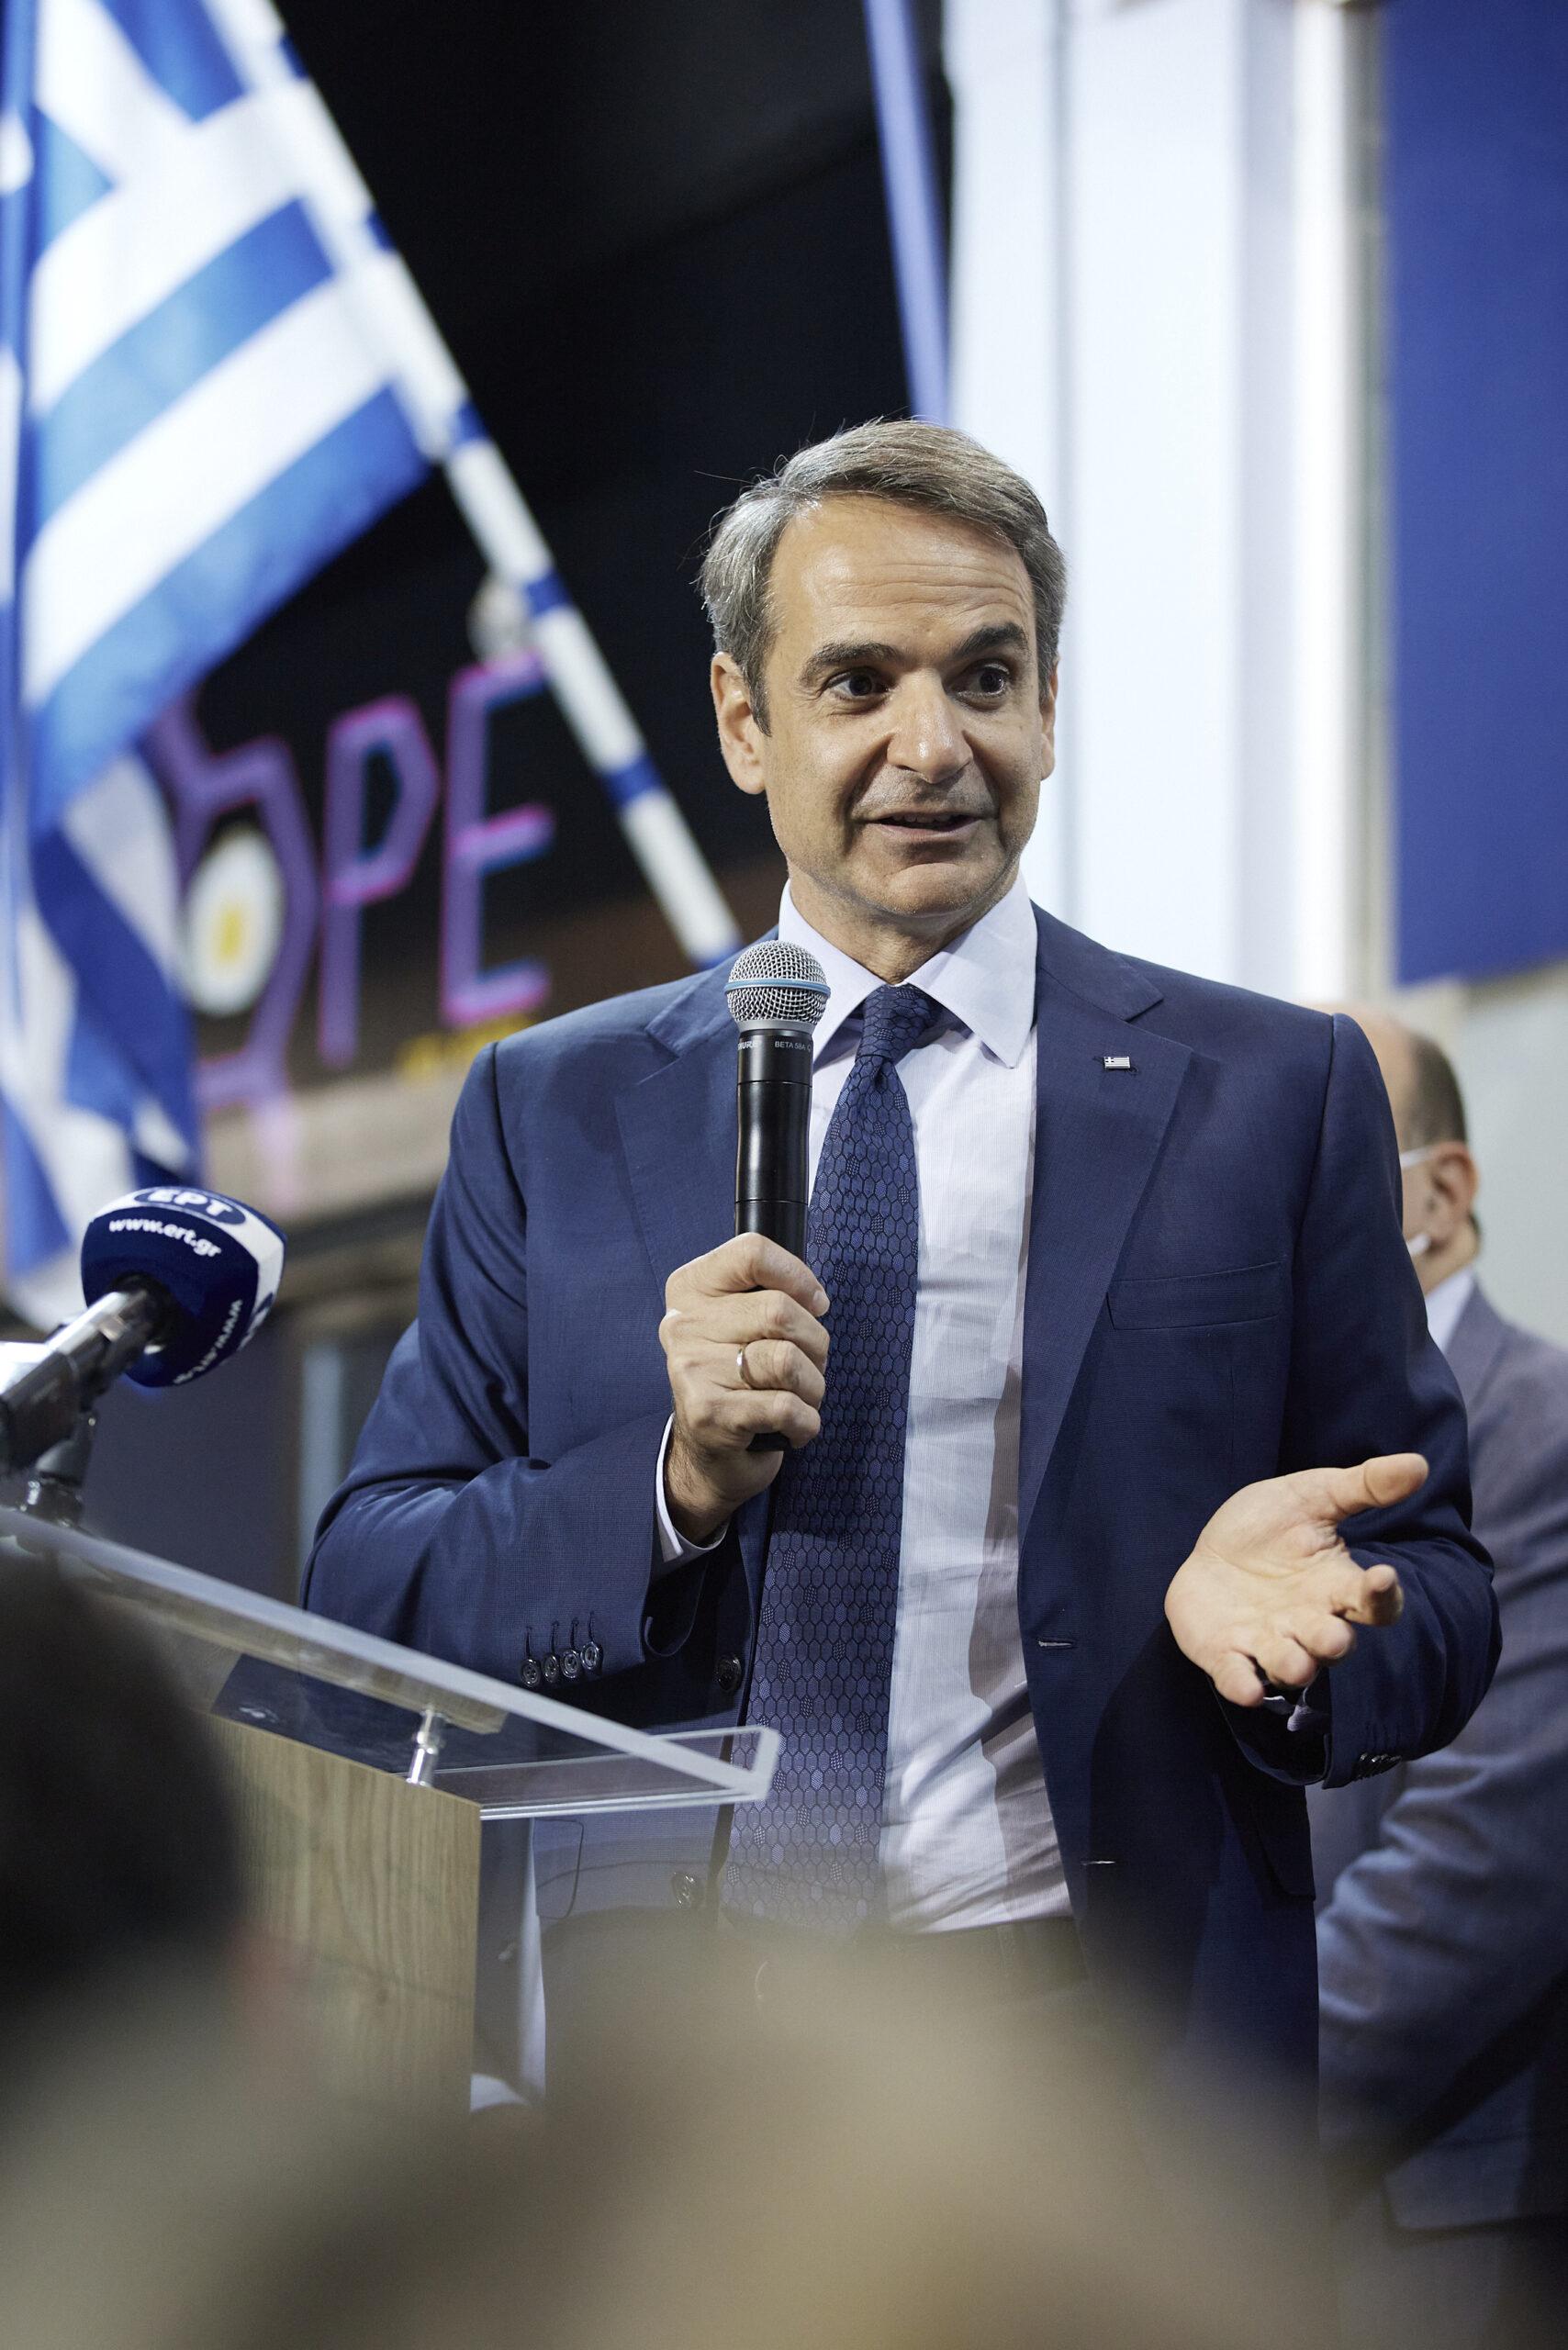 Κυριάκος Μητσοτάκης: «Η Νέα Δημοκρατία είναι ένα κόμμα βαθιά λαϊκό»